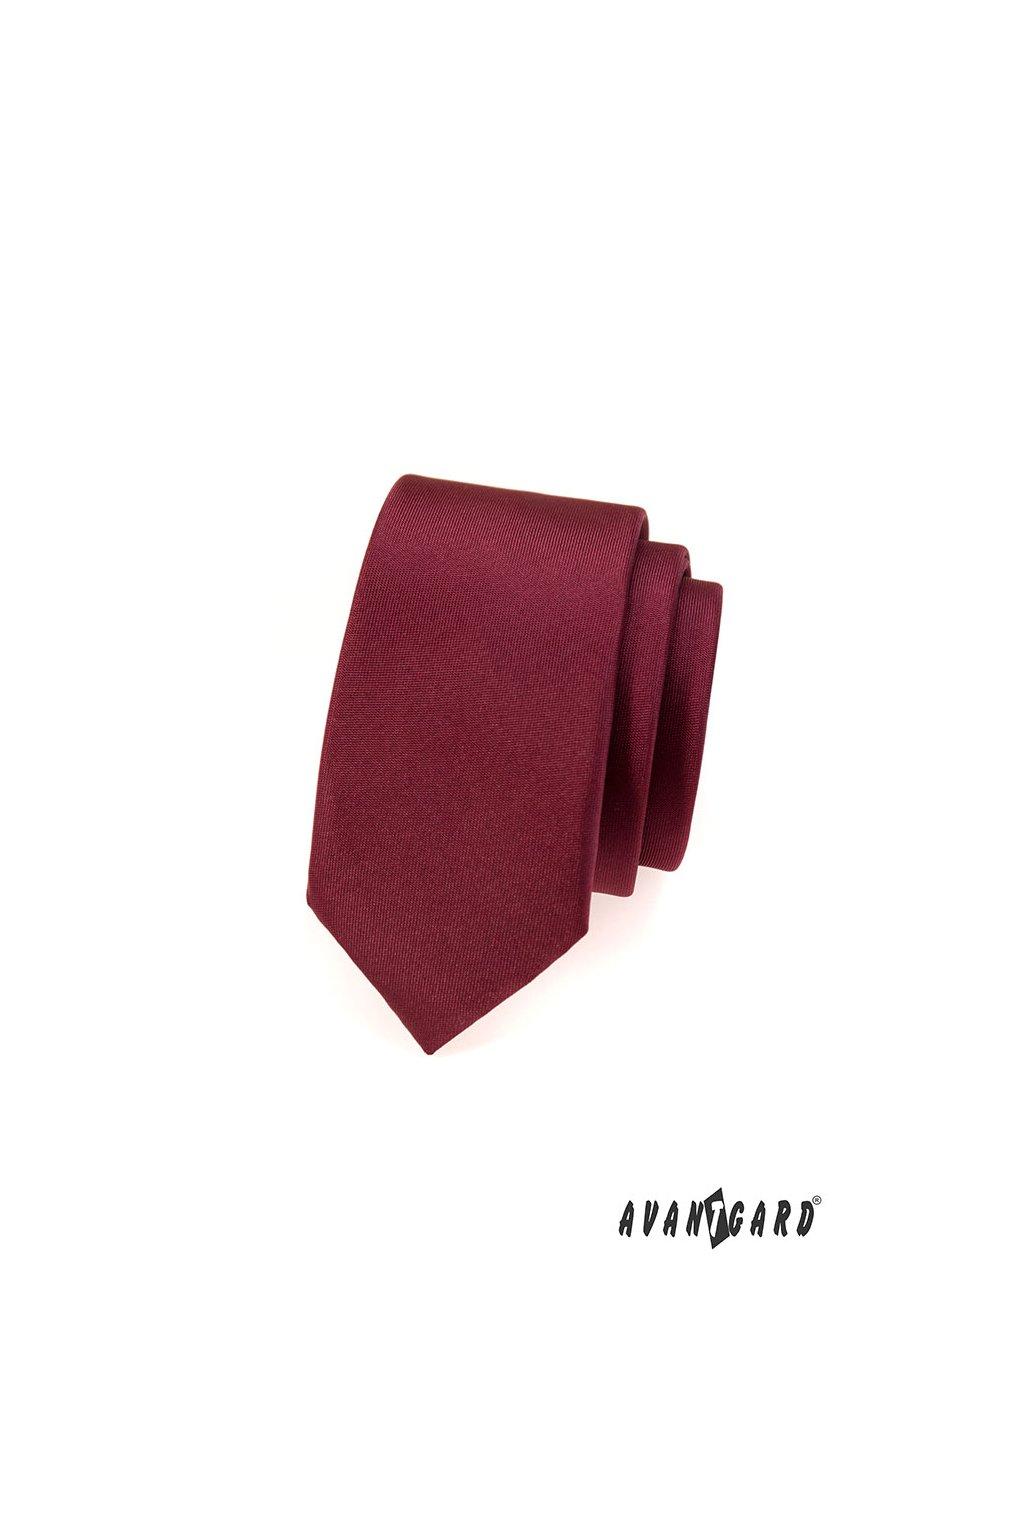 Bordó kravata Slim matná 551 - 7054